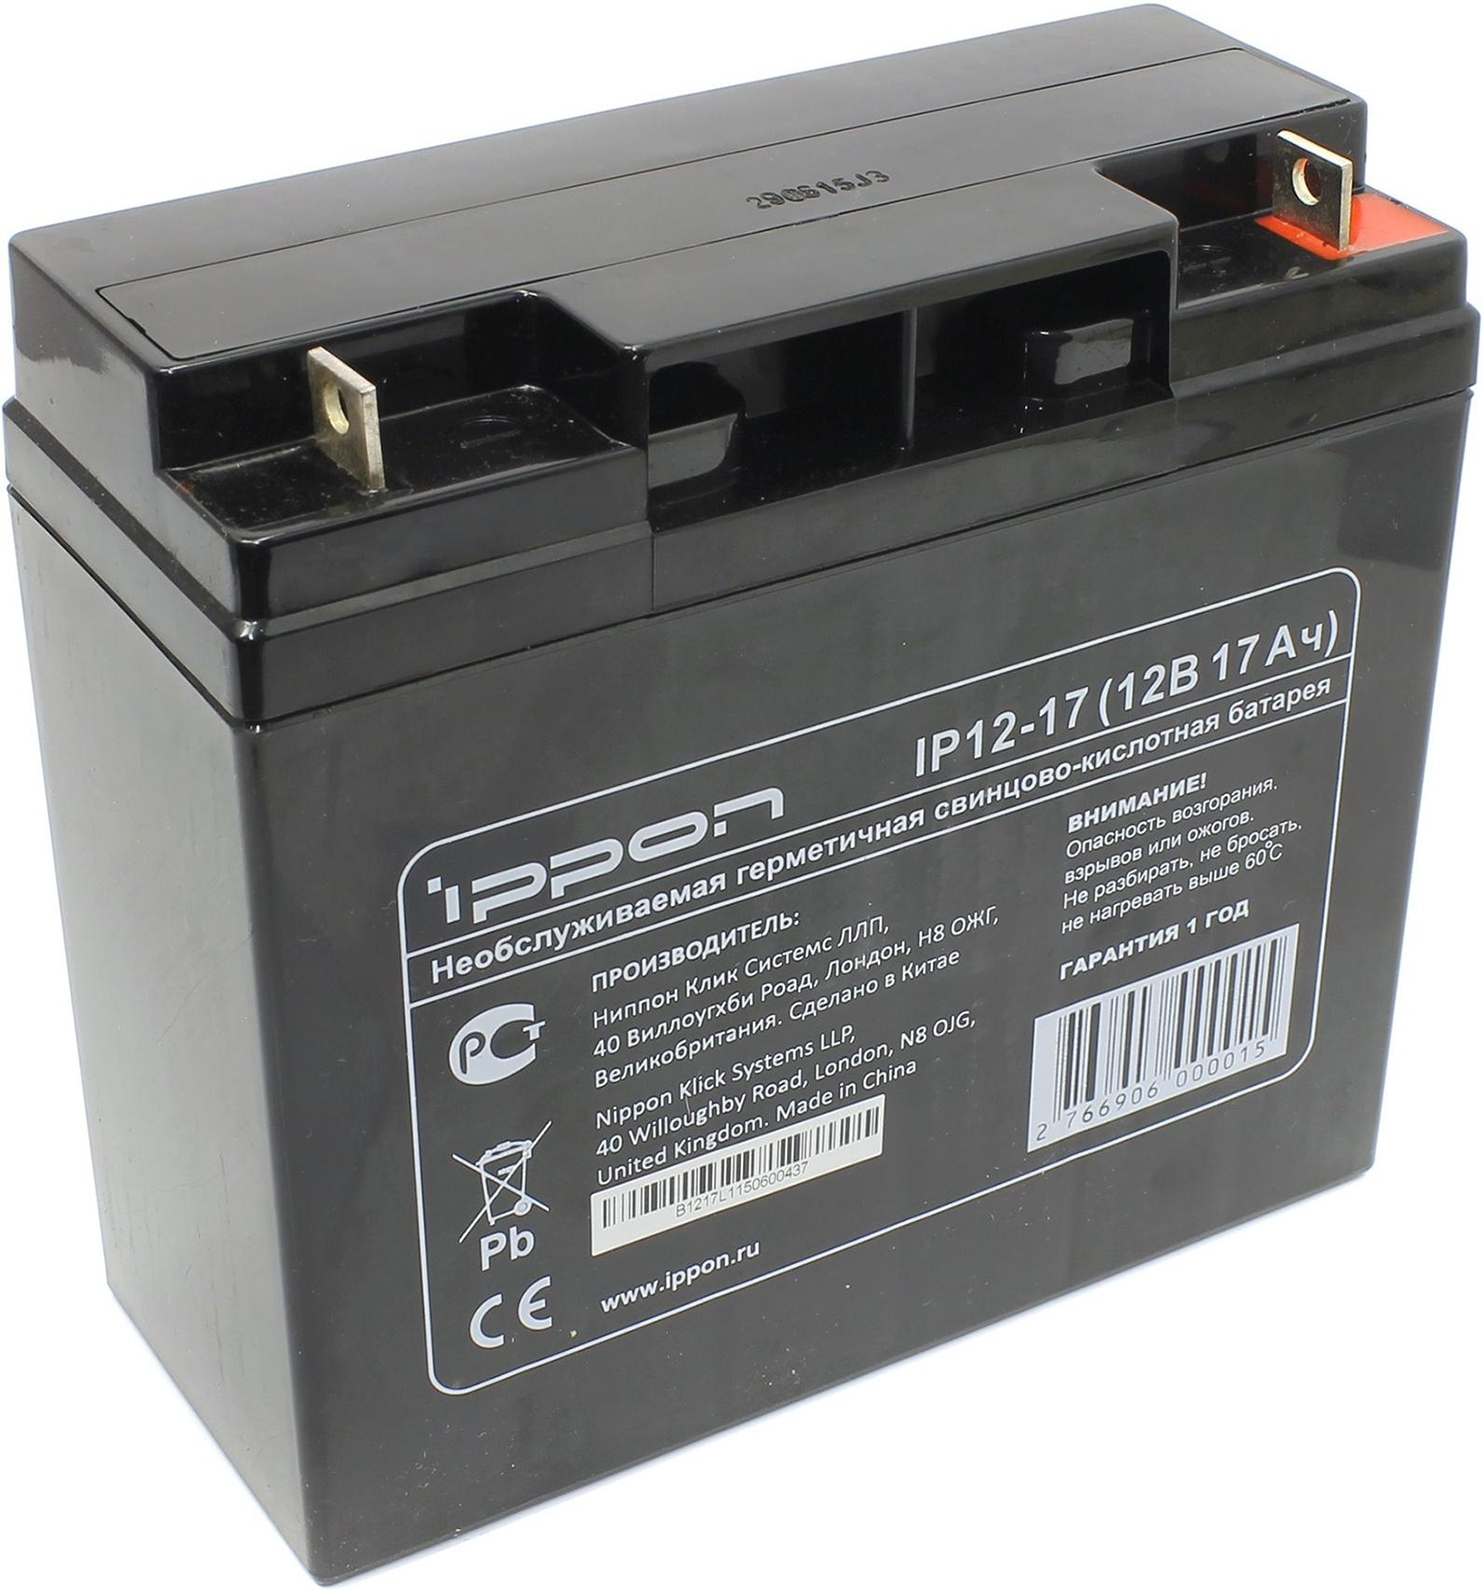 Батарея для ИБП Ippon IP12-17 - Источники бесперебойного питания (UPS)